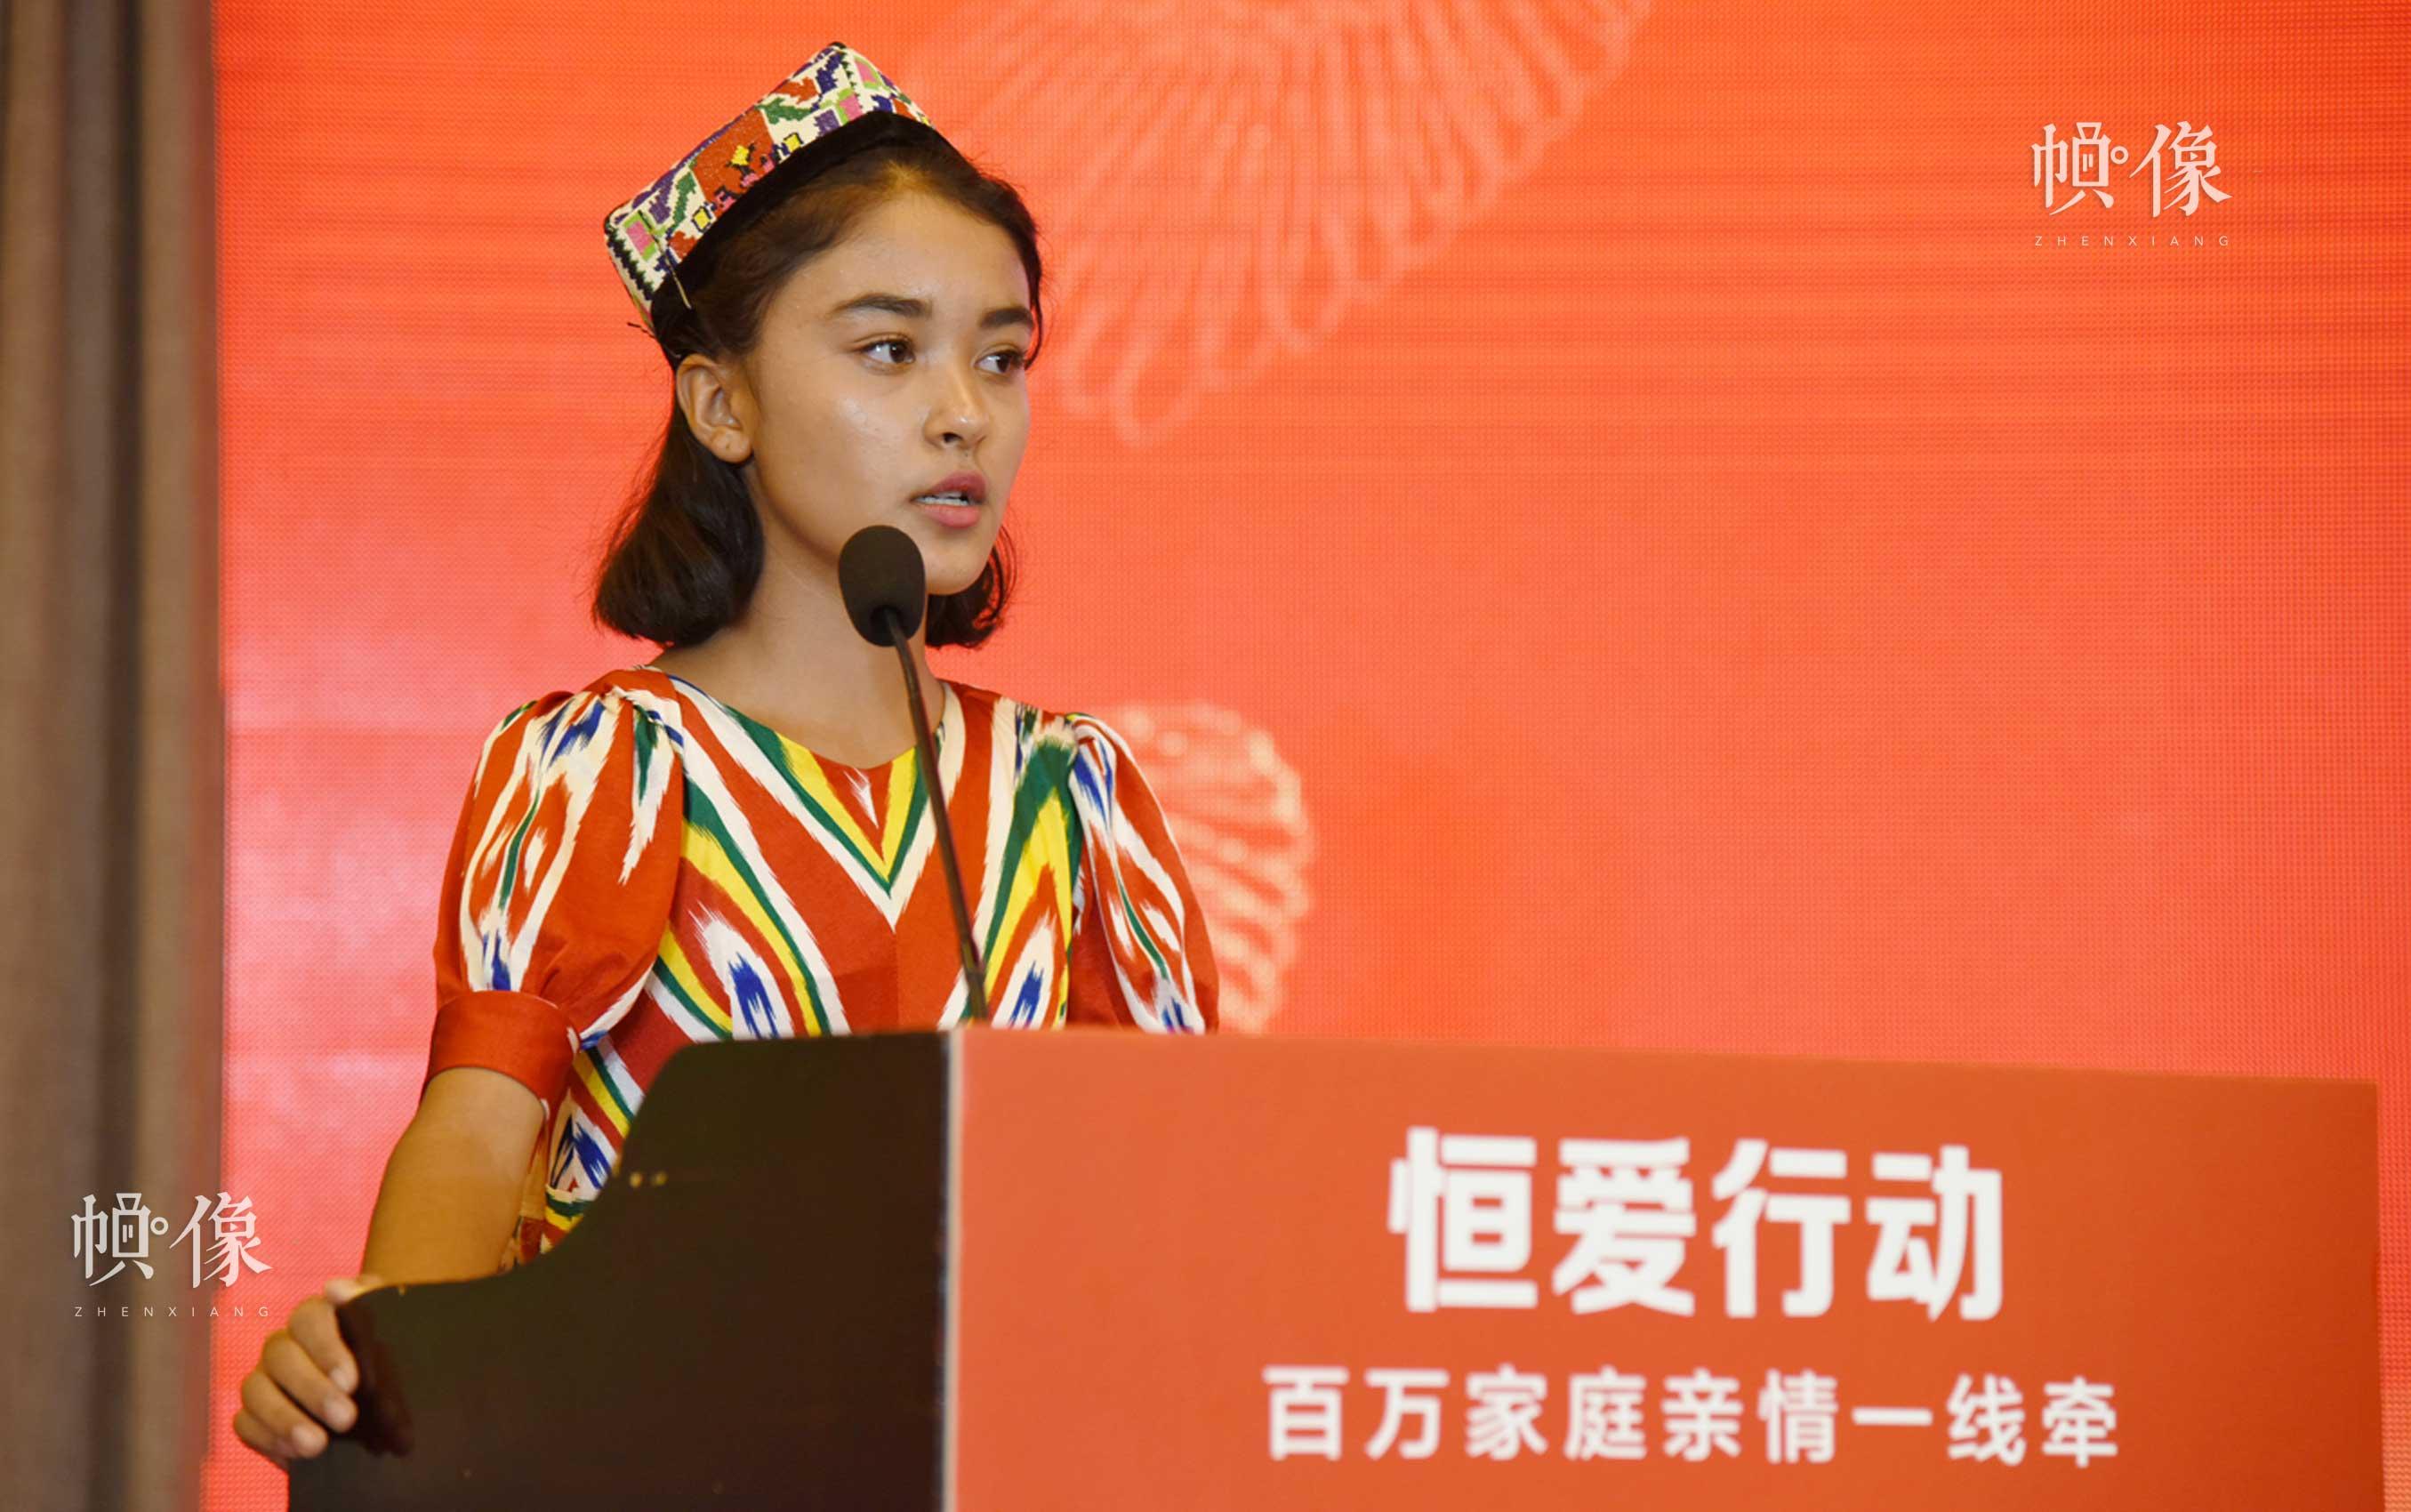 """2017年8月28日,新疆受助儿童代表、维吾尔族女孩哈丽努尔•阿不力孜在2017""""恒爱行动-百万家庭亲情一线牵""""启动仪式中发言。中国网实习记者 李欣颖 摄"""